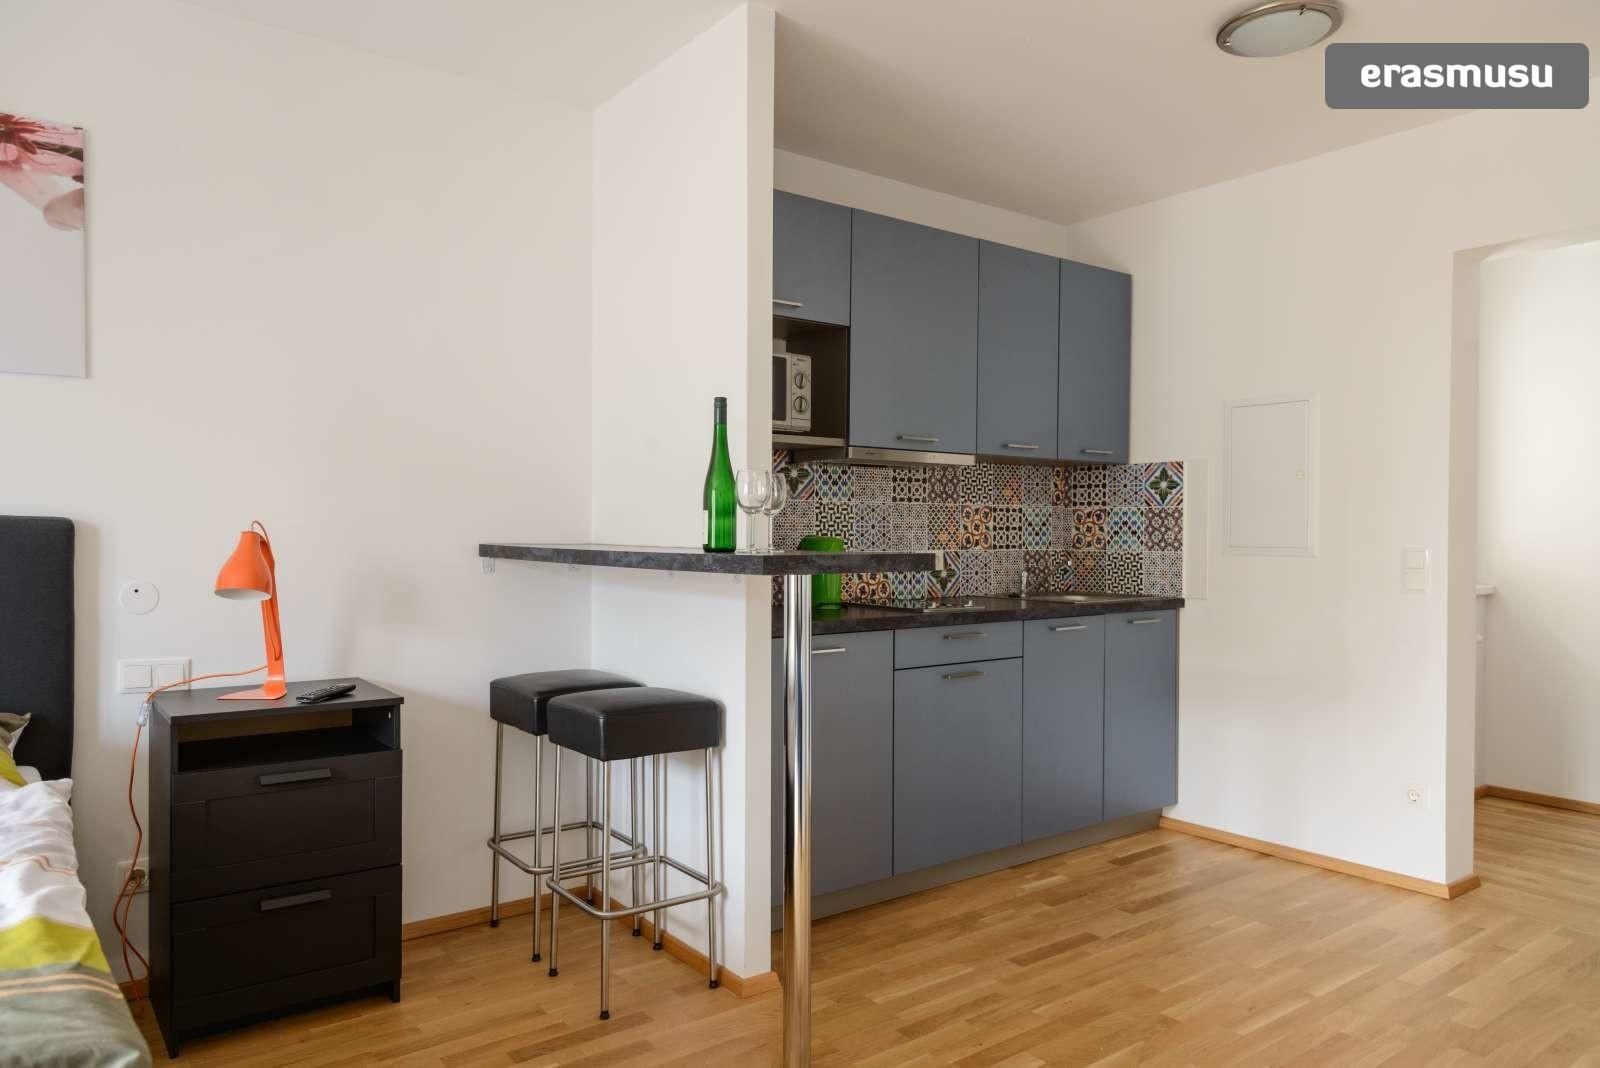 spacious-studio-apartment-rent-aspern-area-donaustadt-8b8f4c1c3e